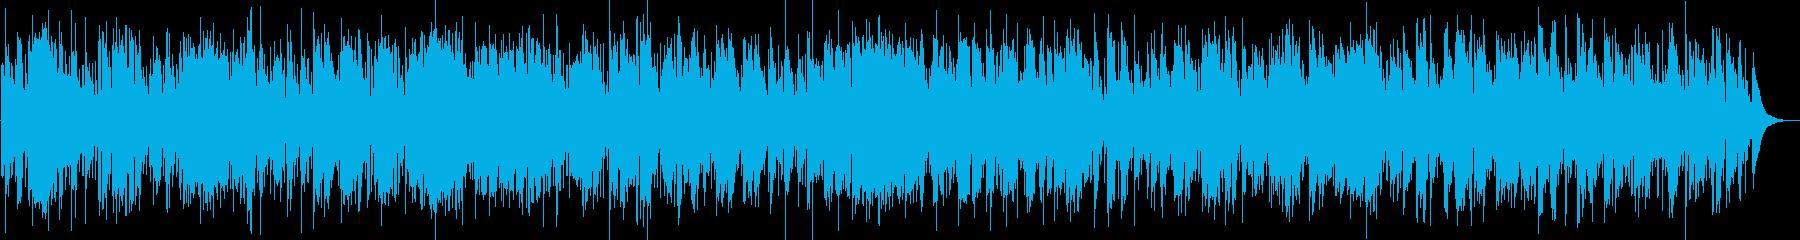 再起をイメージしたデキシーランドジャズの再生済みの波形